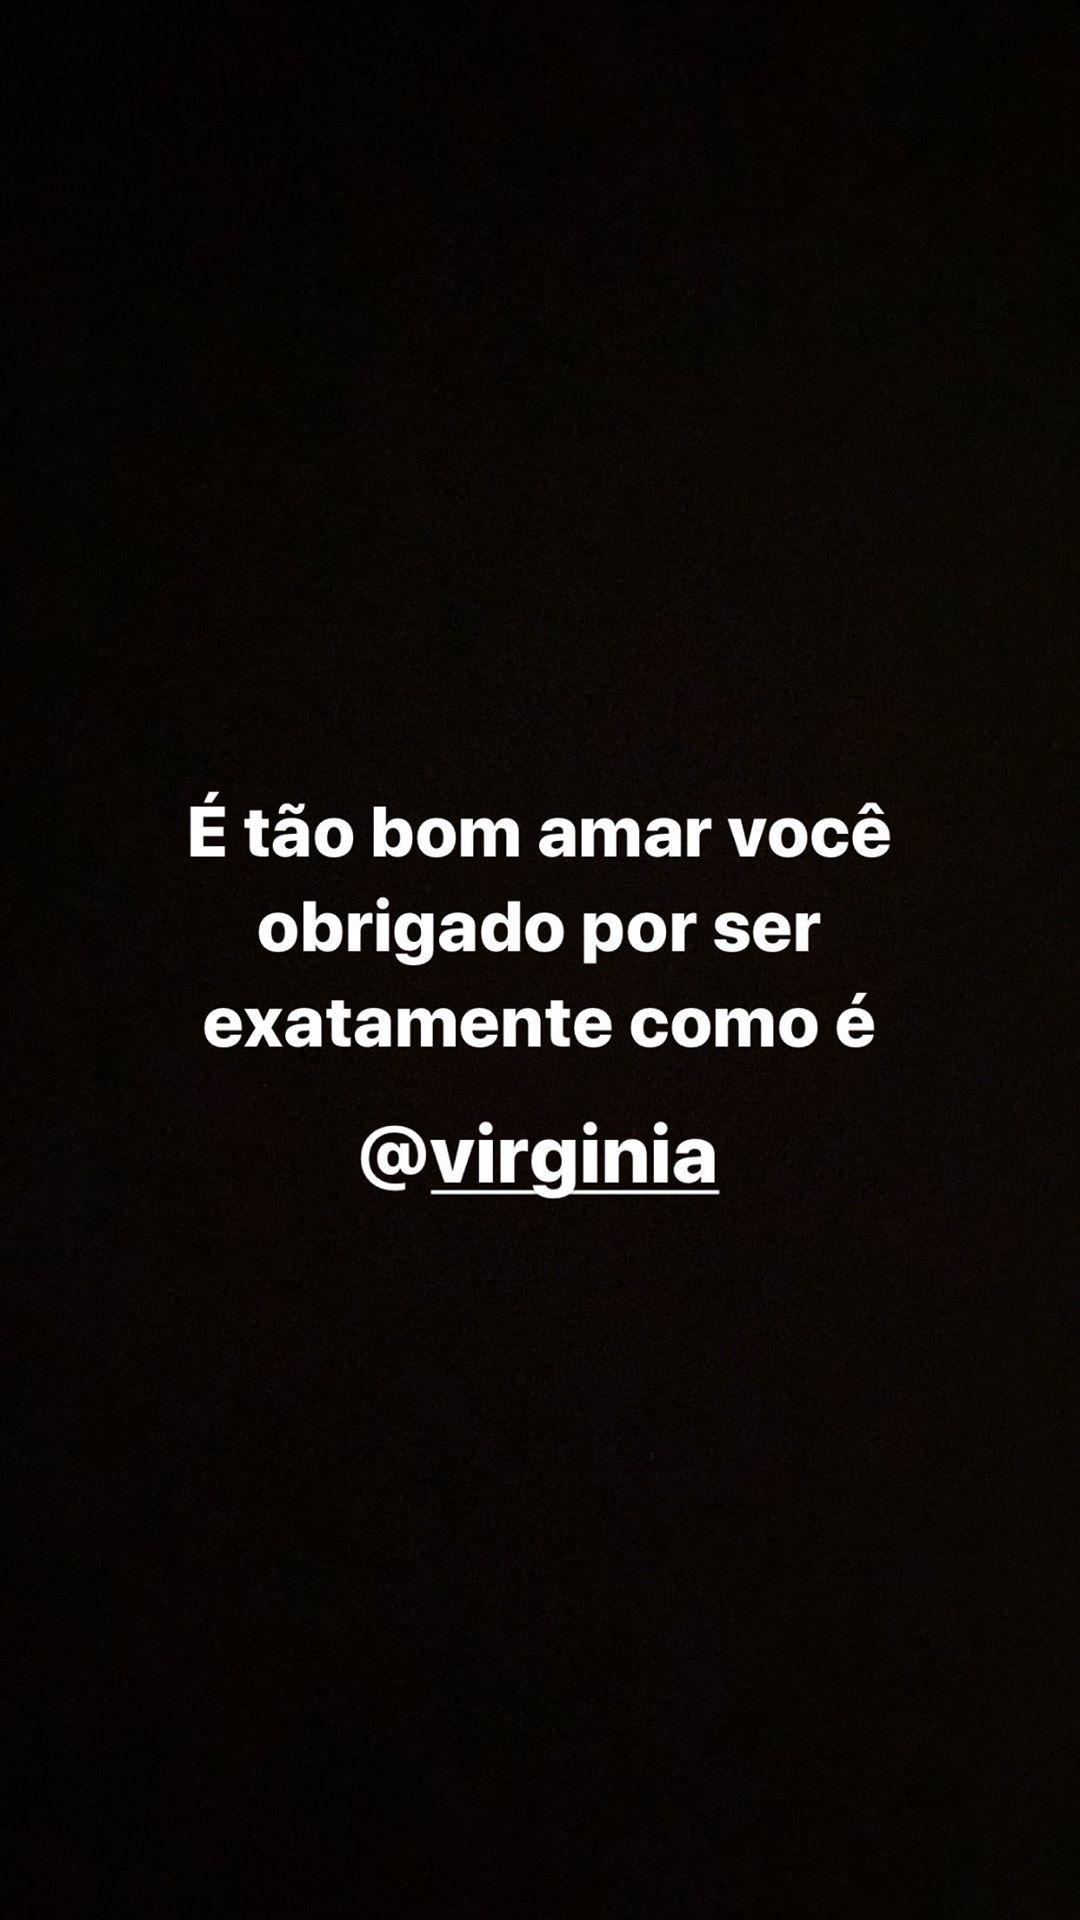 Mensagem de Zé Felipe no Instagram